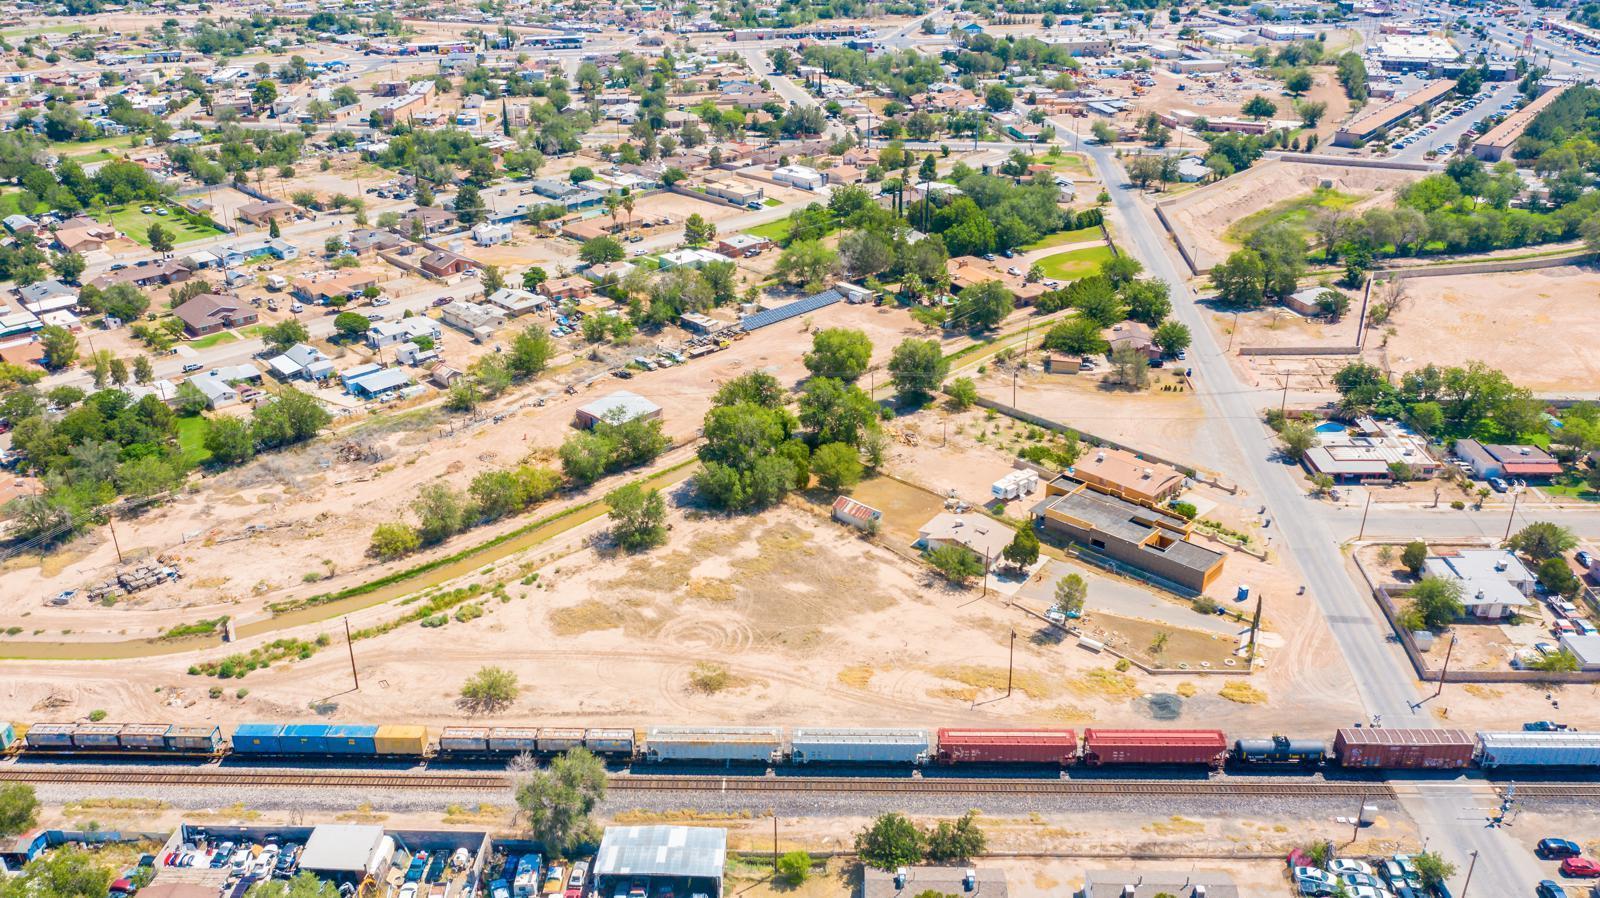 El Paso, Texas 79915, ,Land,For sale,812690